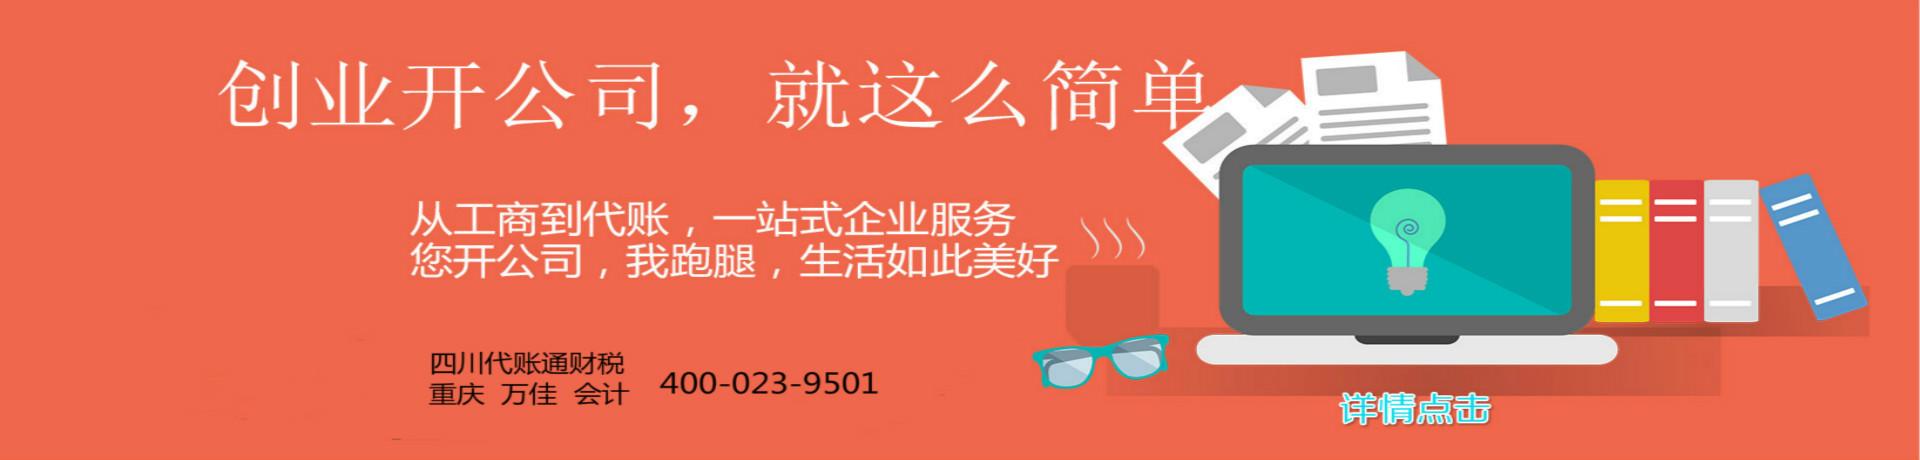 重庆两江新区鱼嘴服务好的代账会计公司